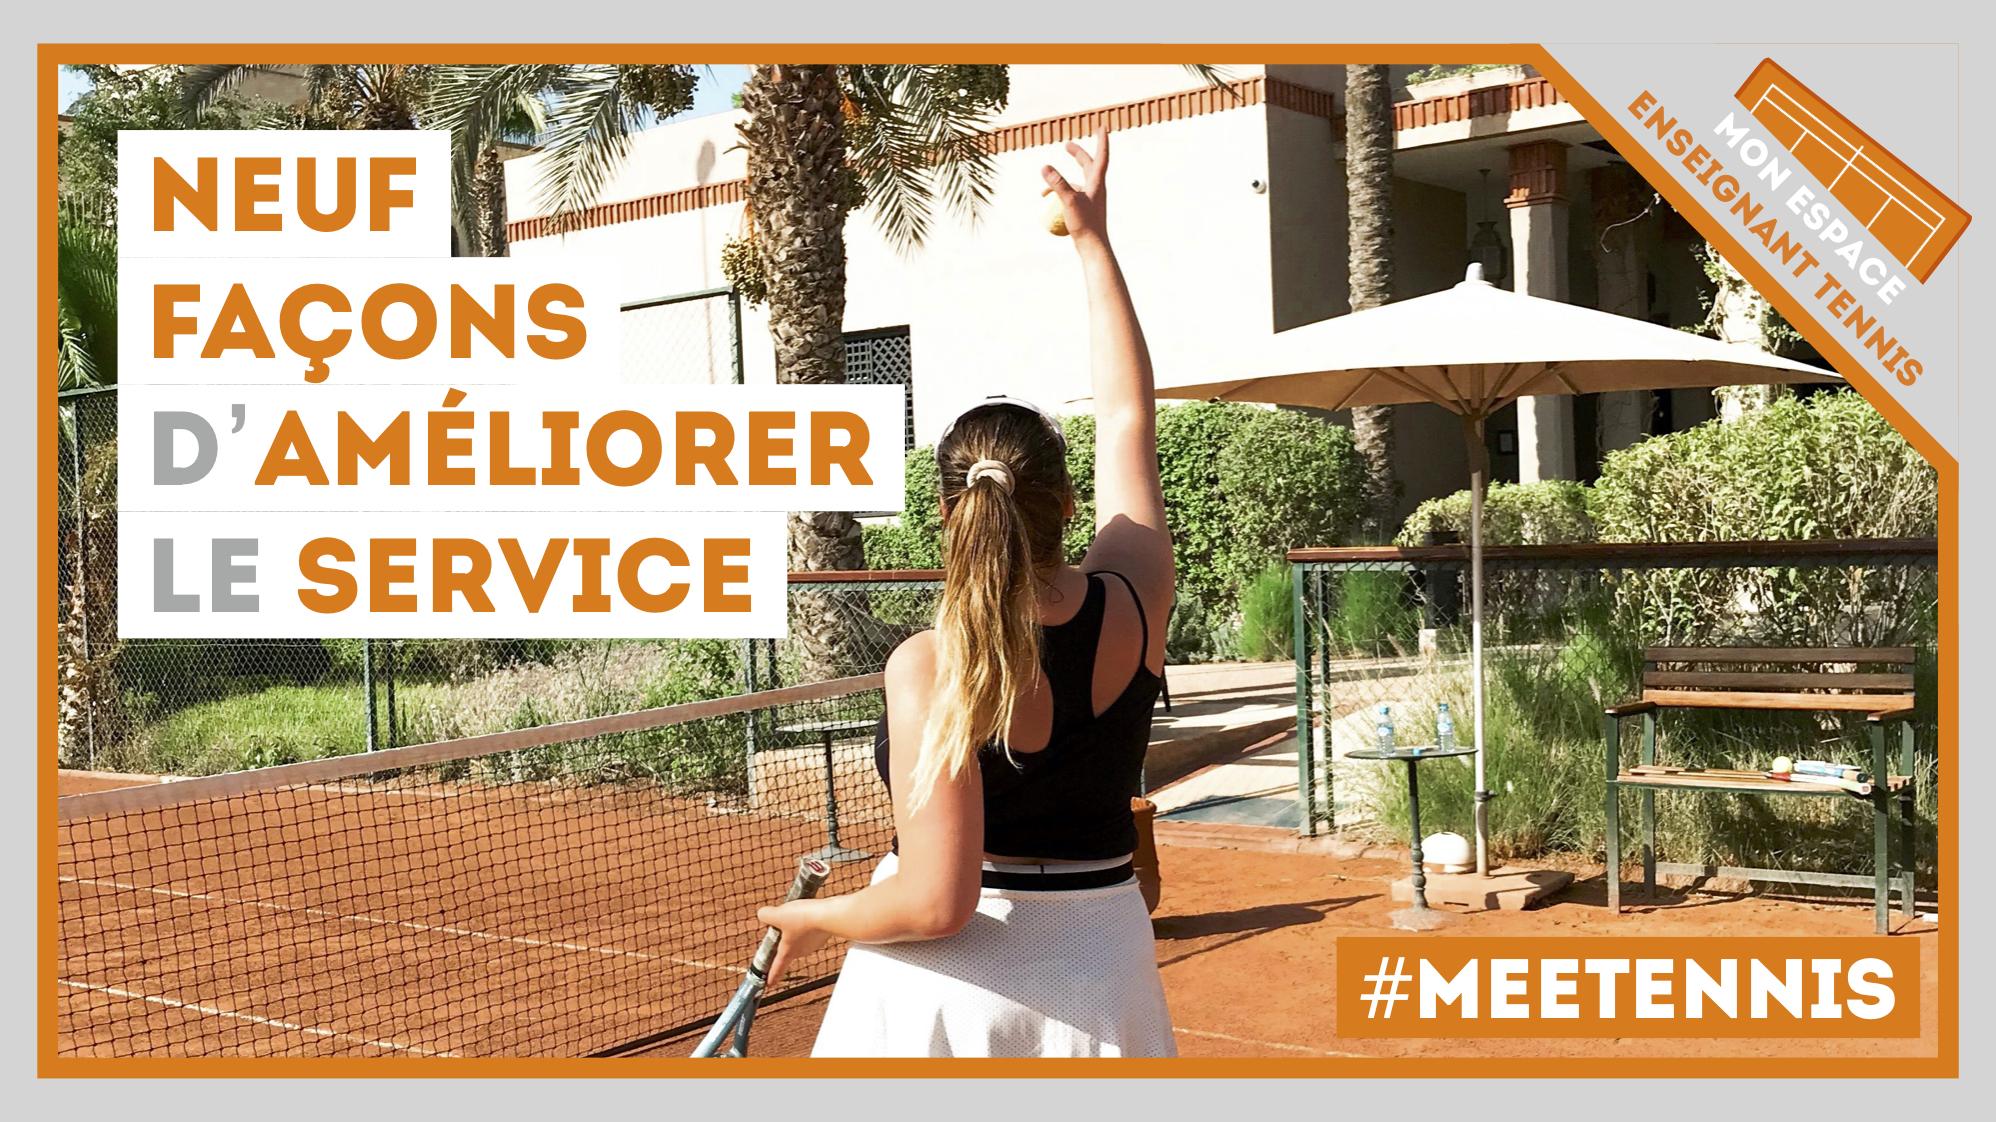 améliorer service tennis